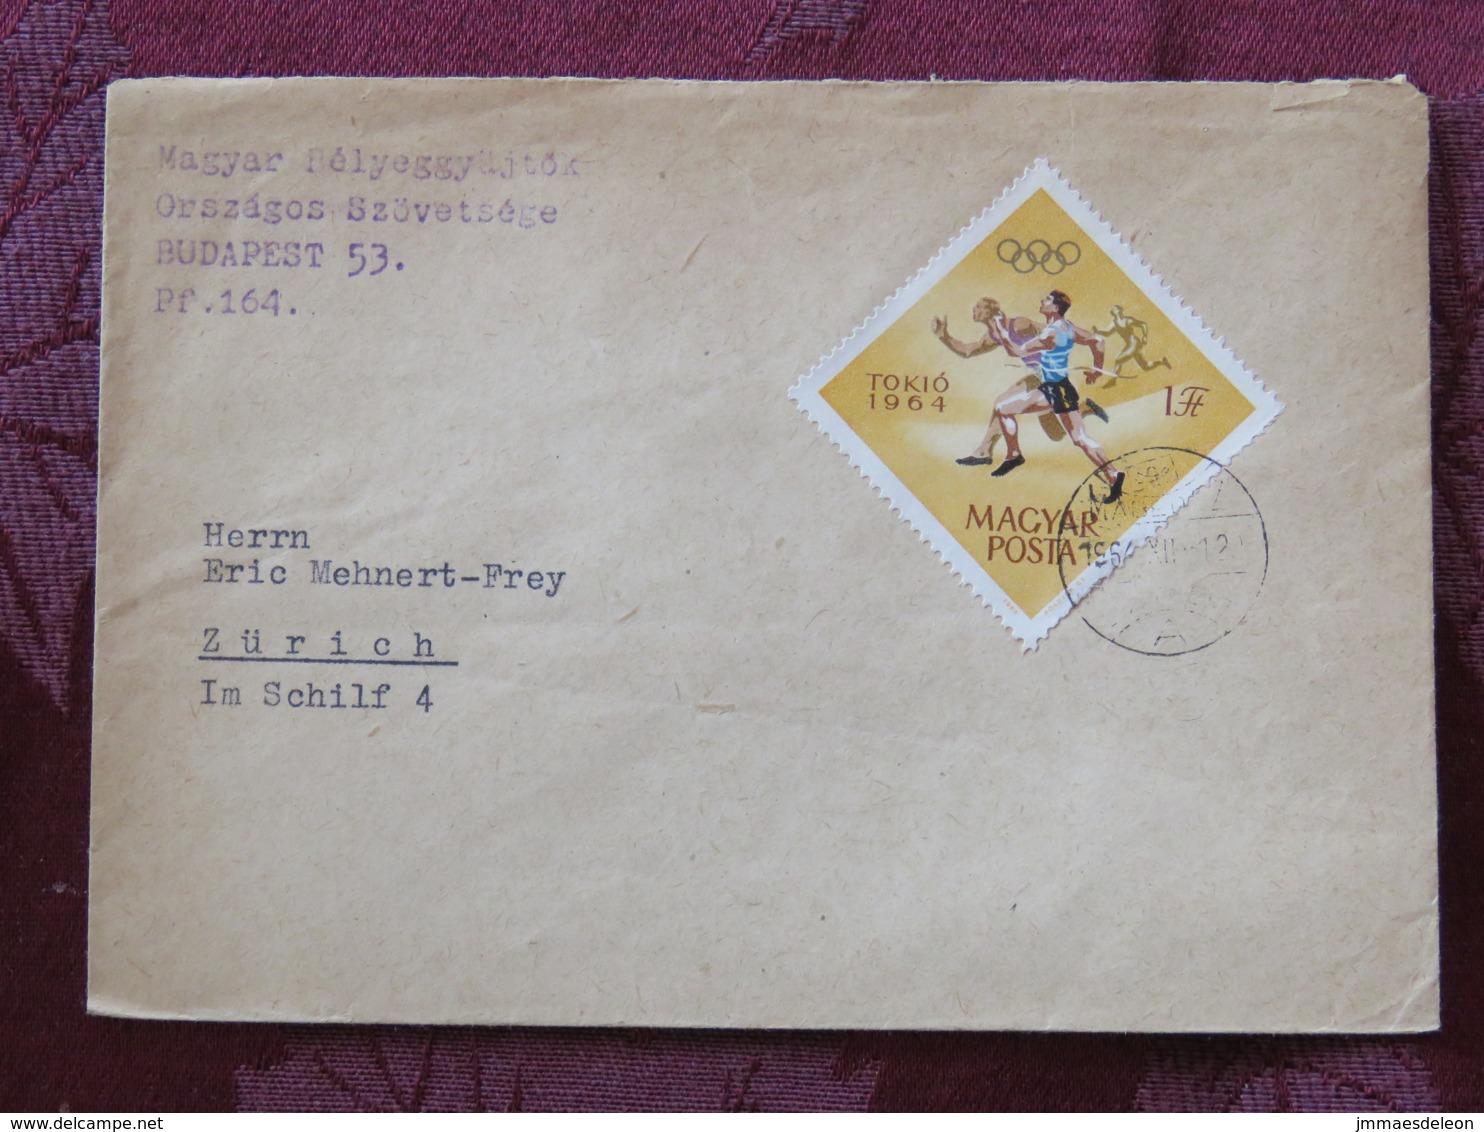 Hungary 1964 Cover Budapest To Switzerland - Tokyo Olympic Games Running - Hungary